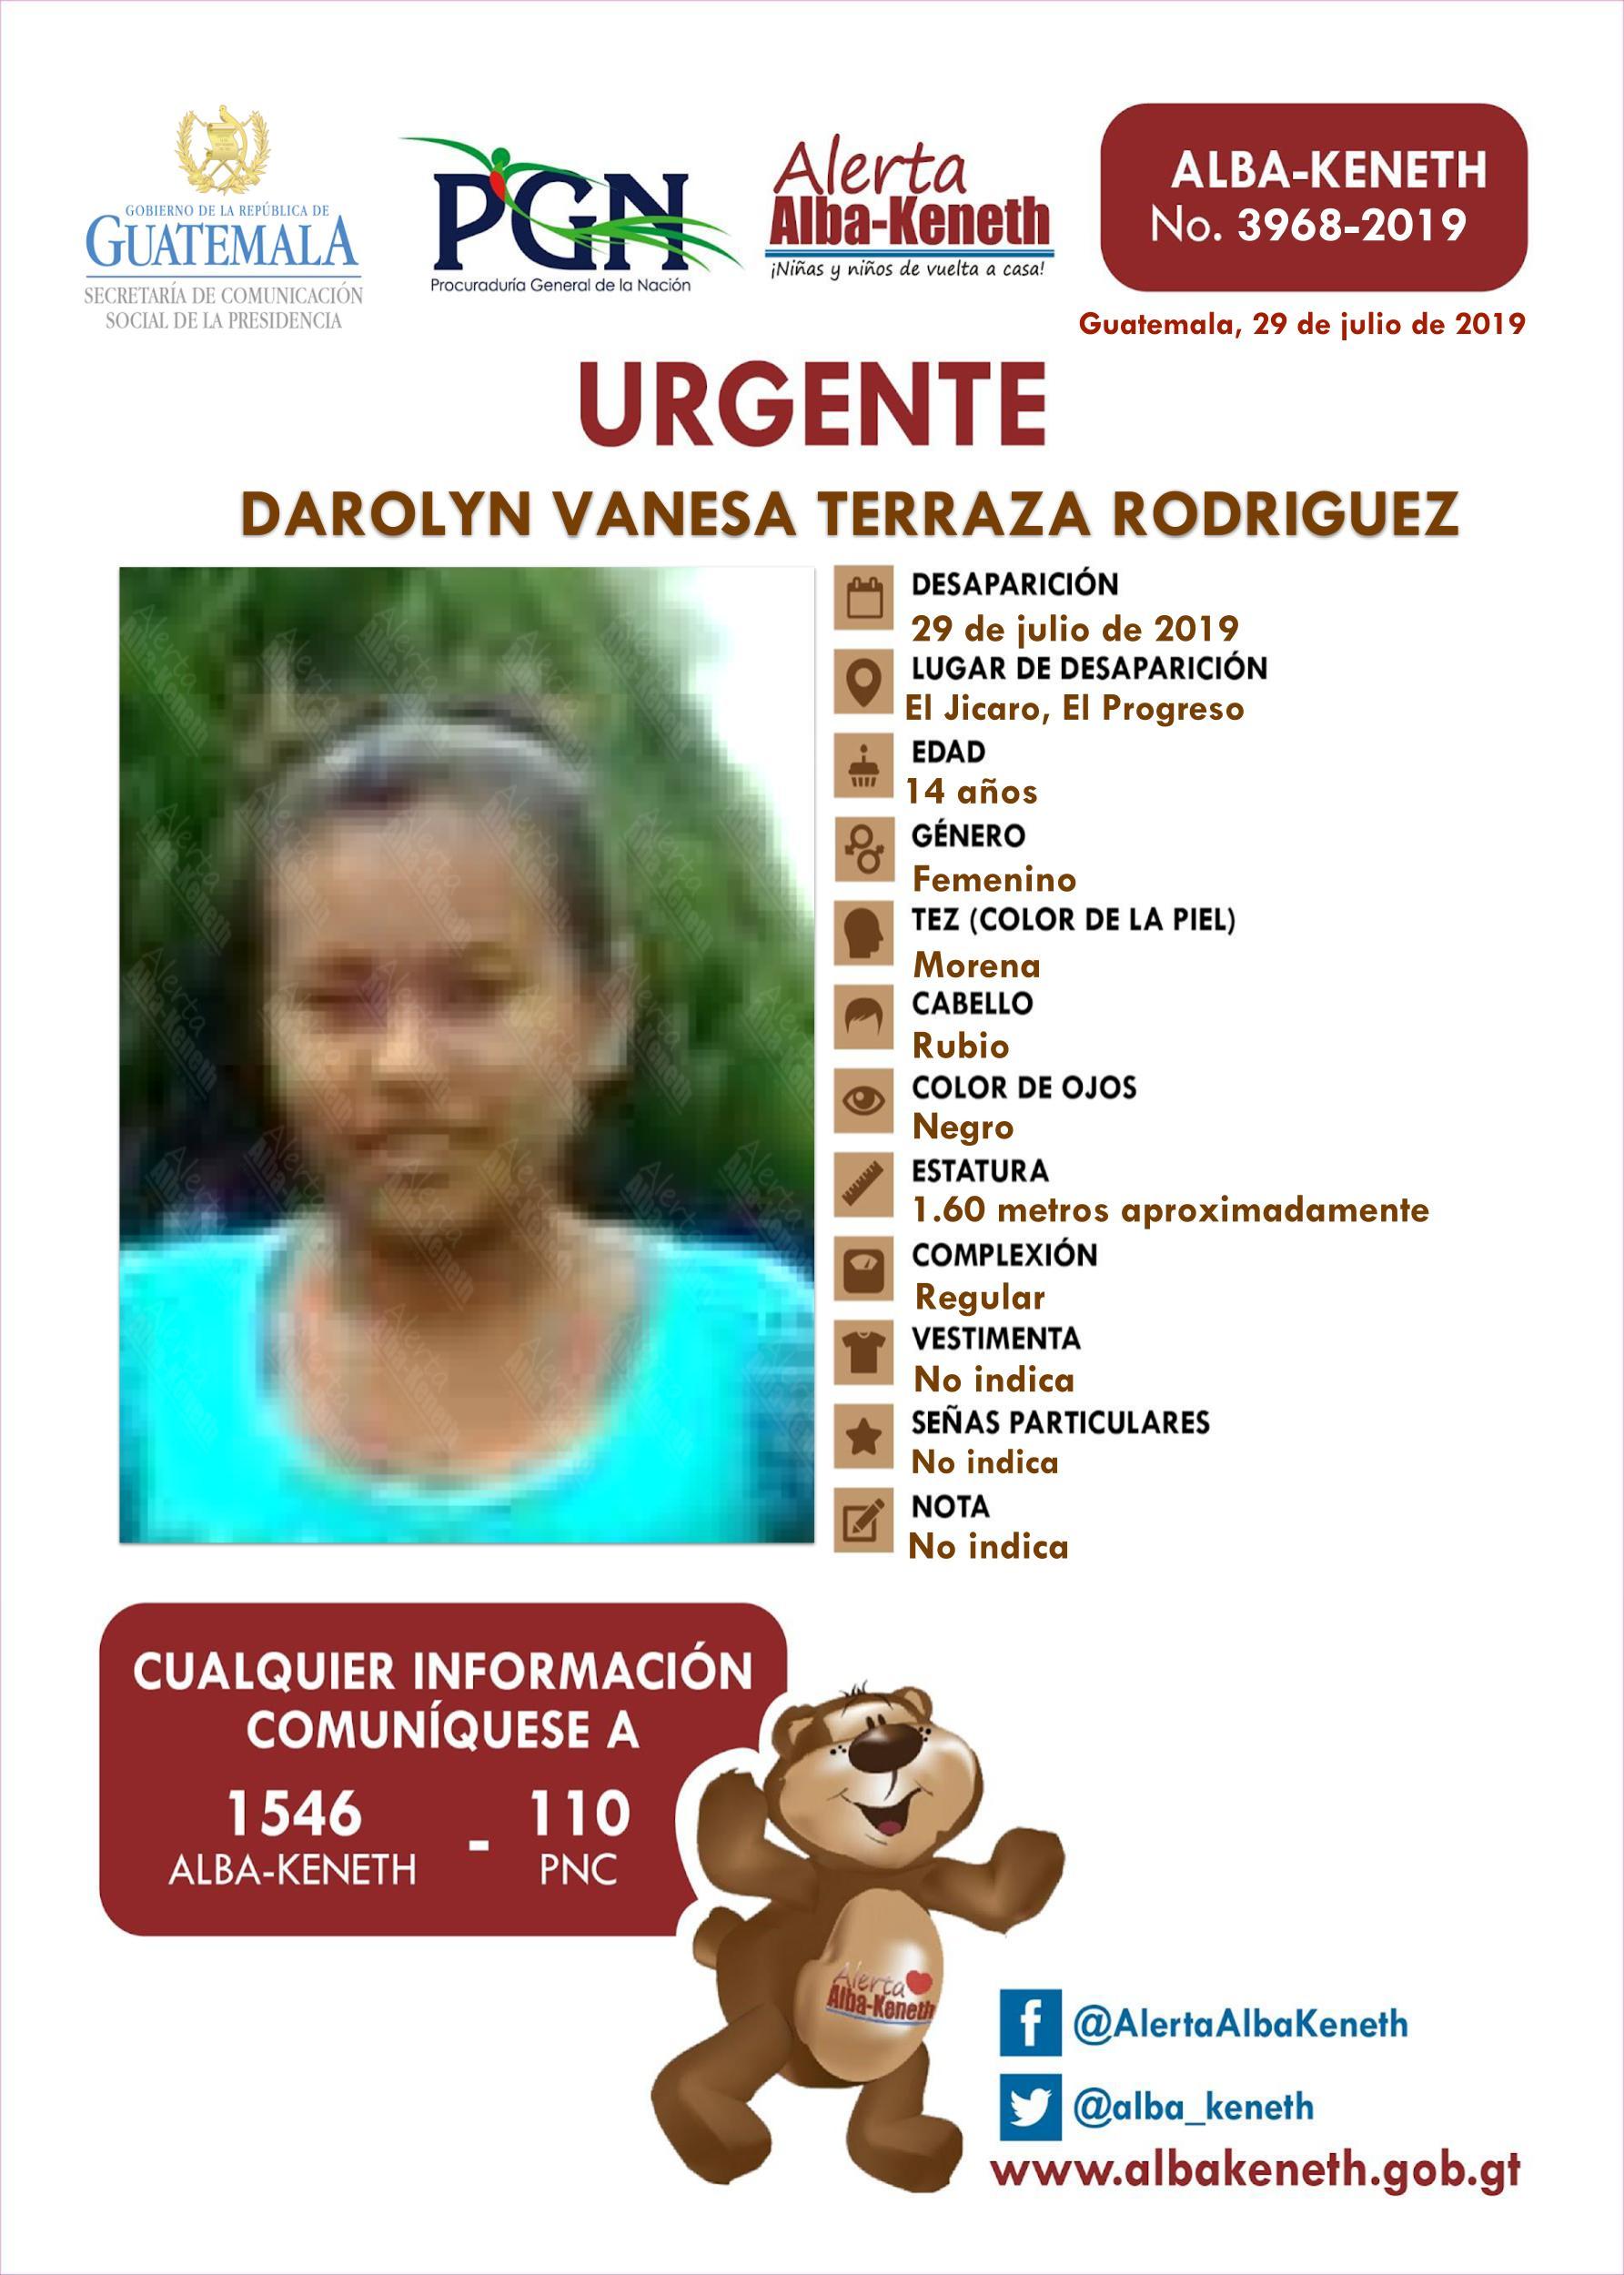 Darolyn Vanesa Terraza Rodriguez